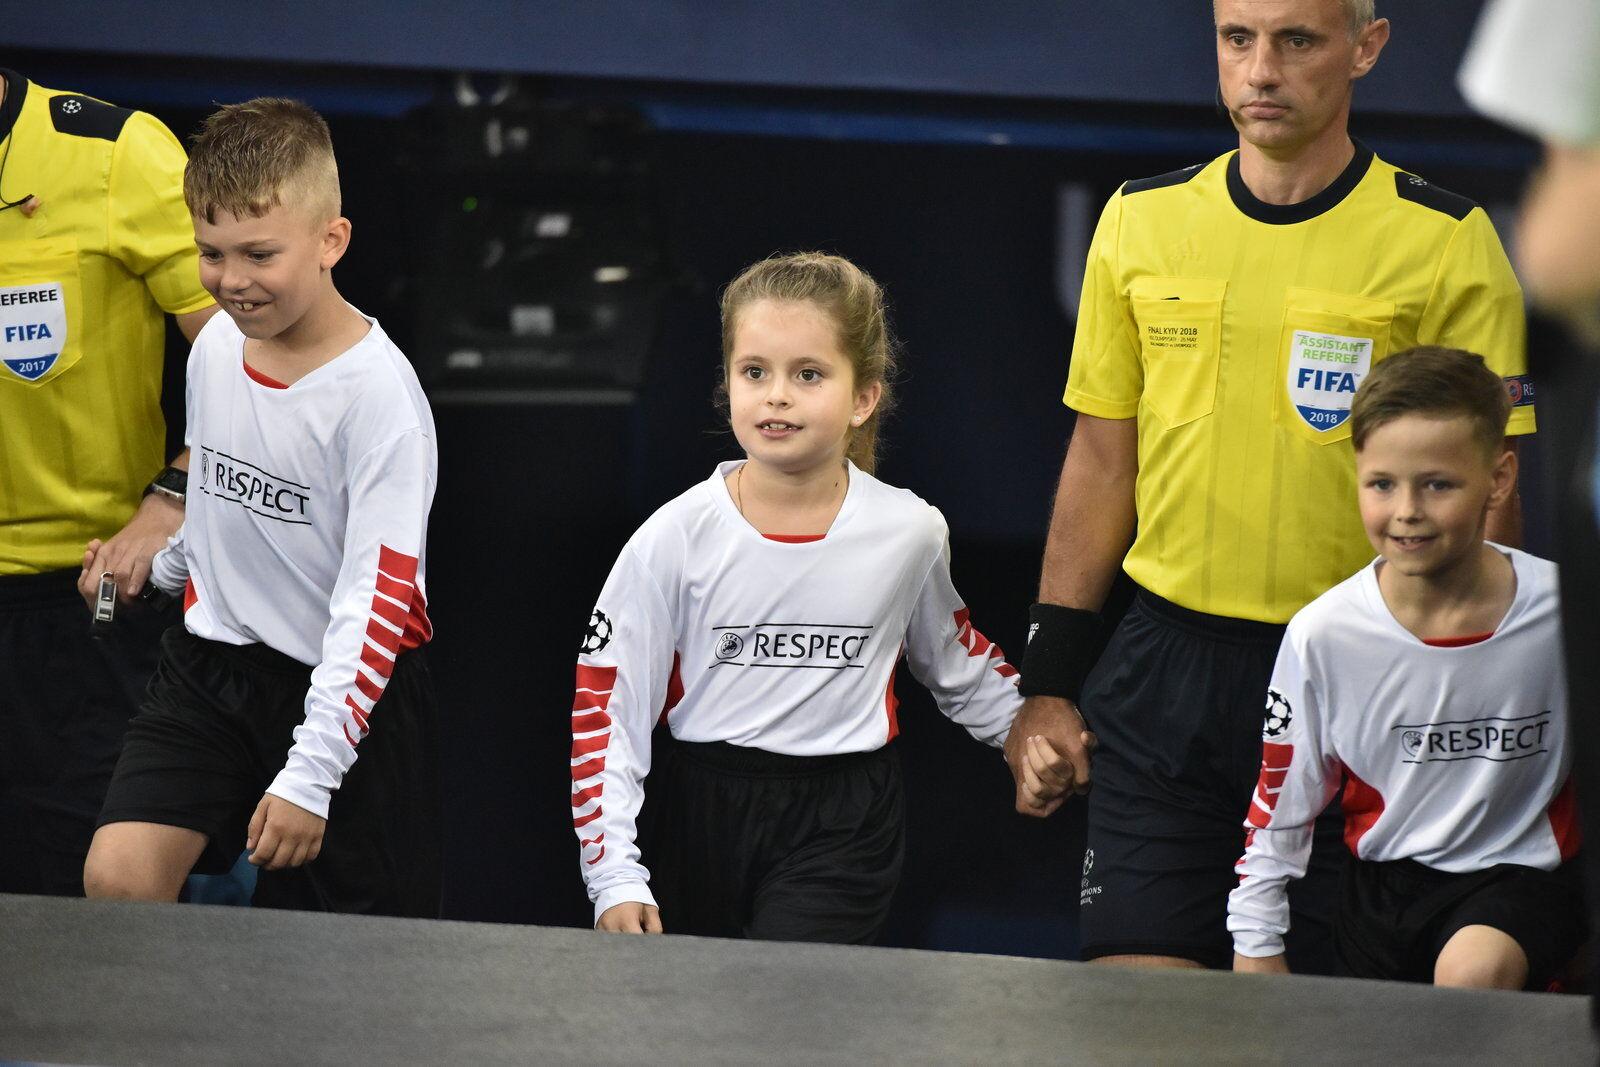 Дочь Ярославского вывела на поле арбитра финала ЛЧ 2018